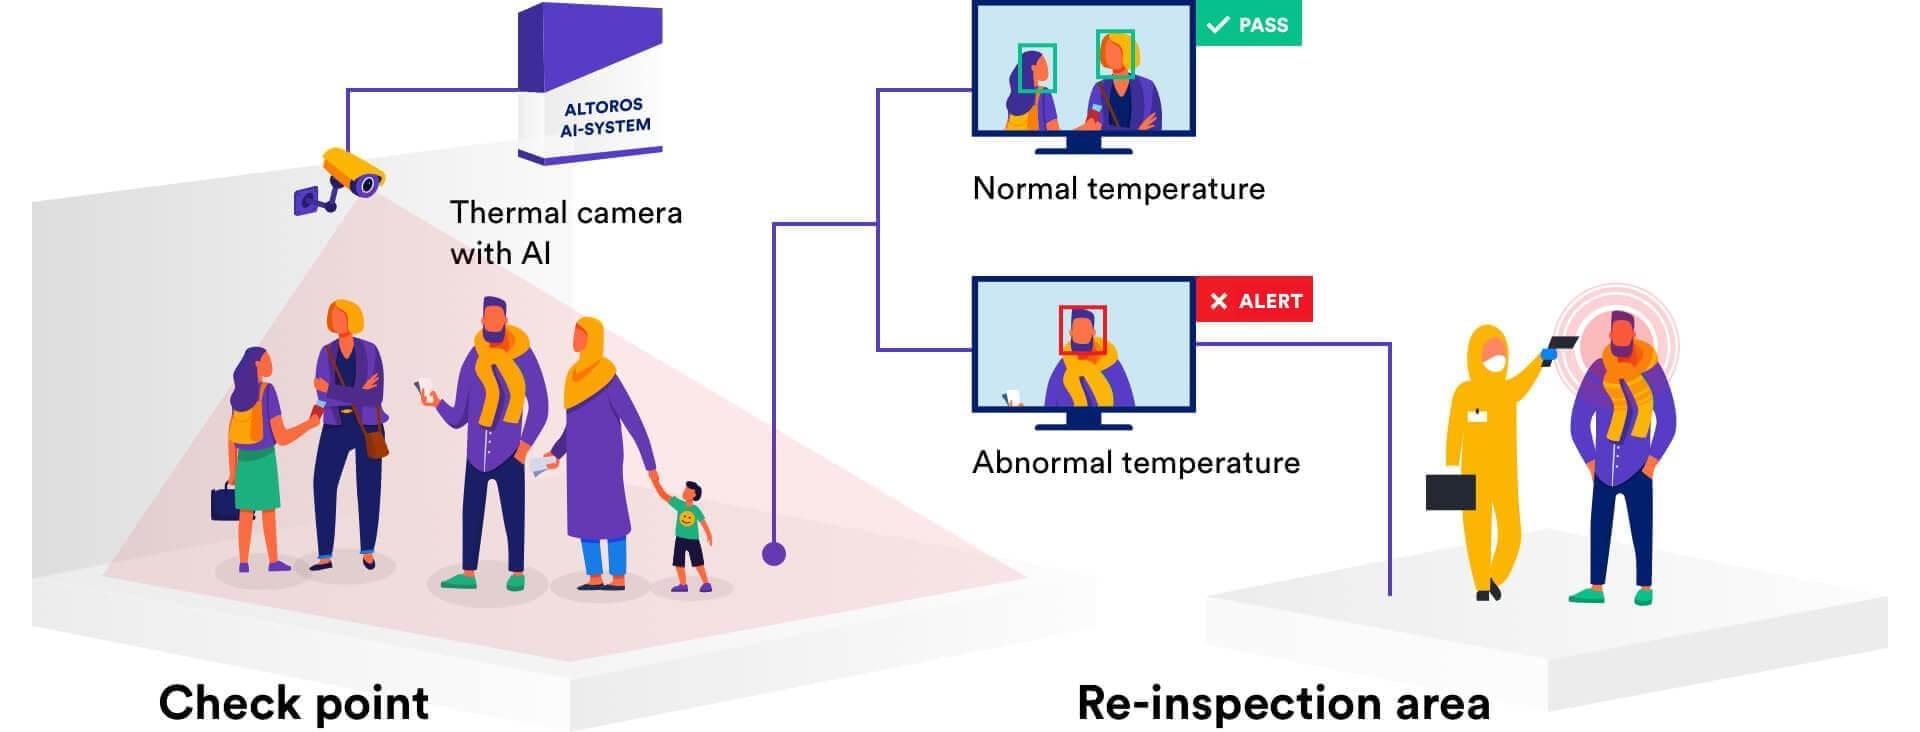 Mass Fever Screener With Ai Coronavirus Detection